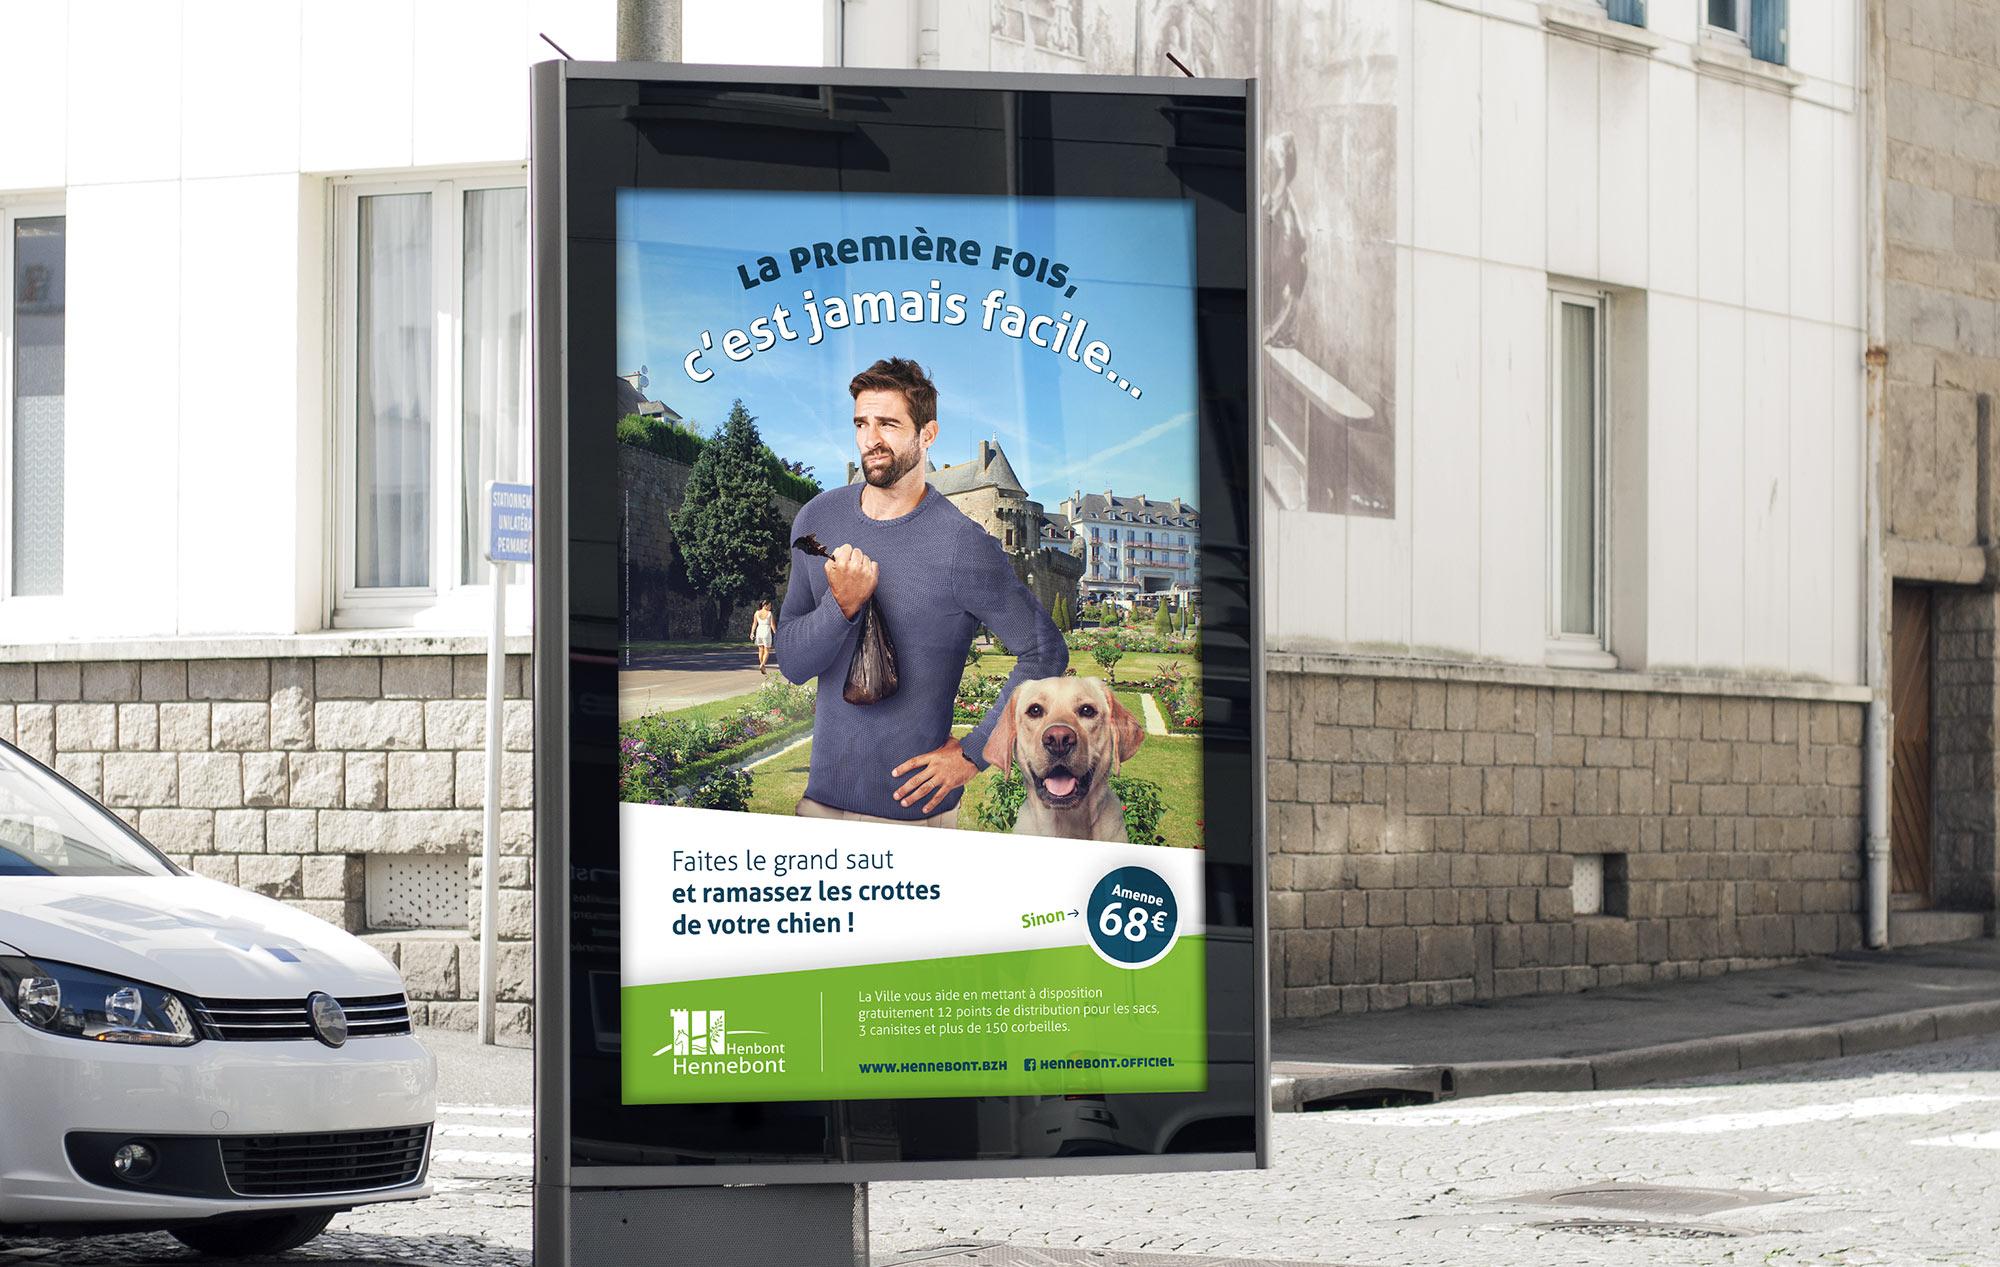 L'affiche avec le message sur les déjections canines